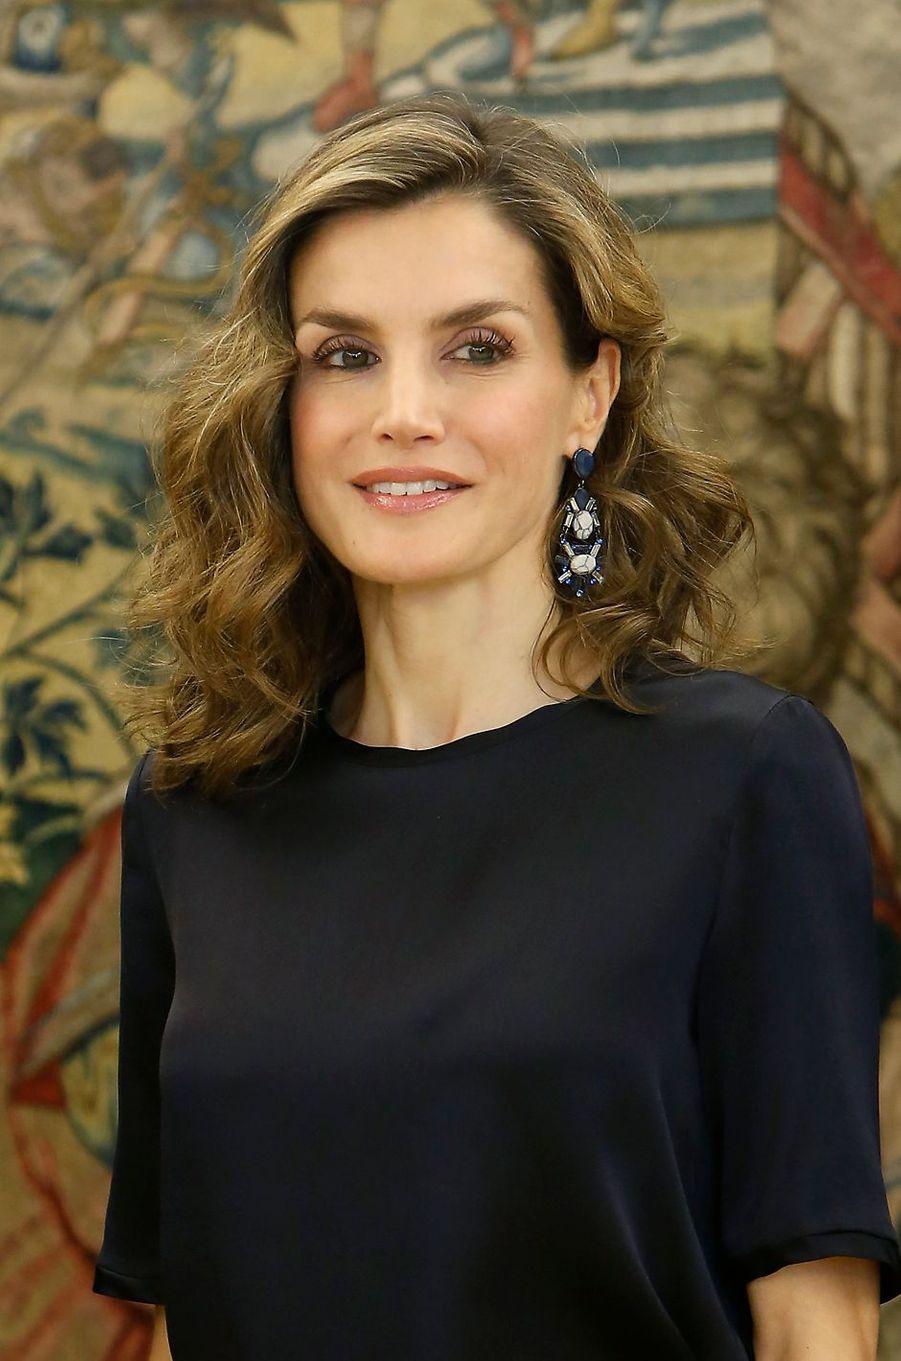 La reine Letizia d'Espagne au palais de la Zarzuela à Madrid, le 27 octobre 2016